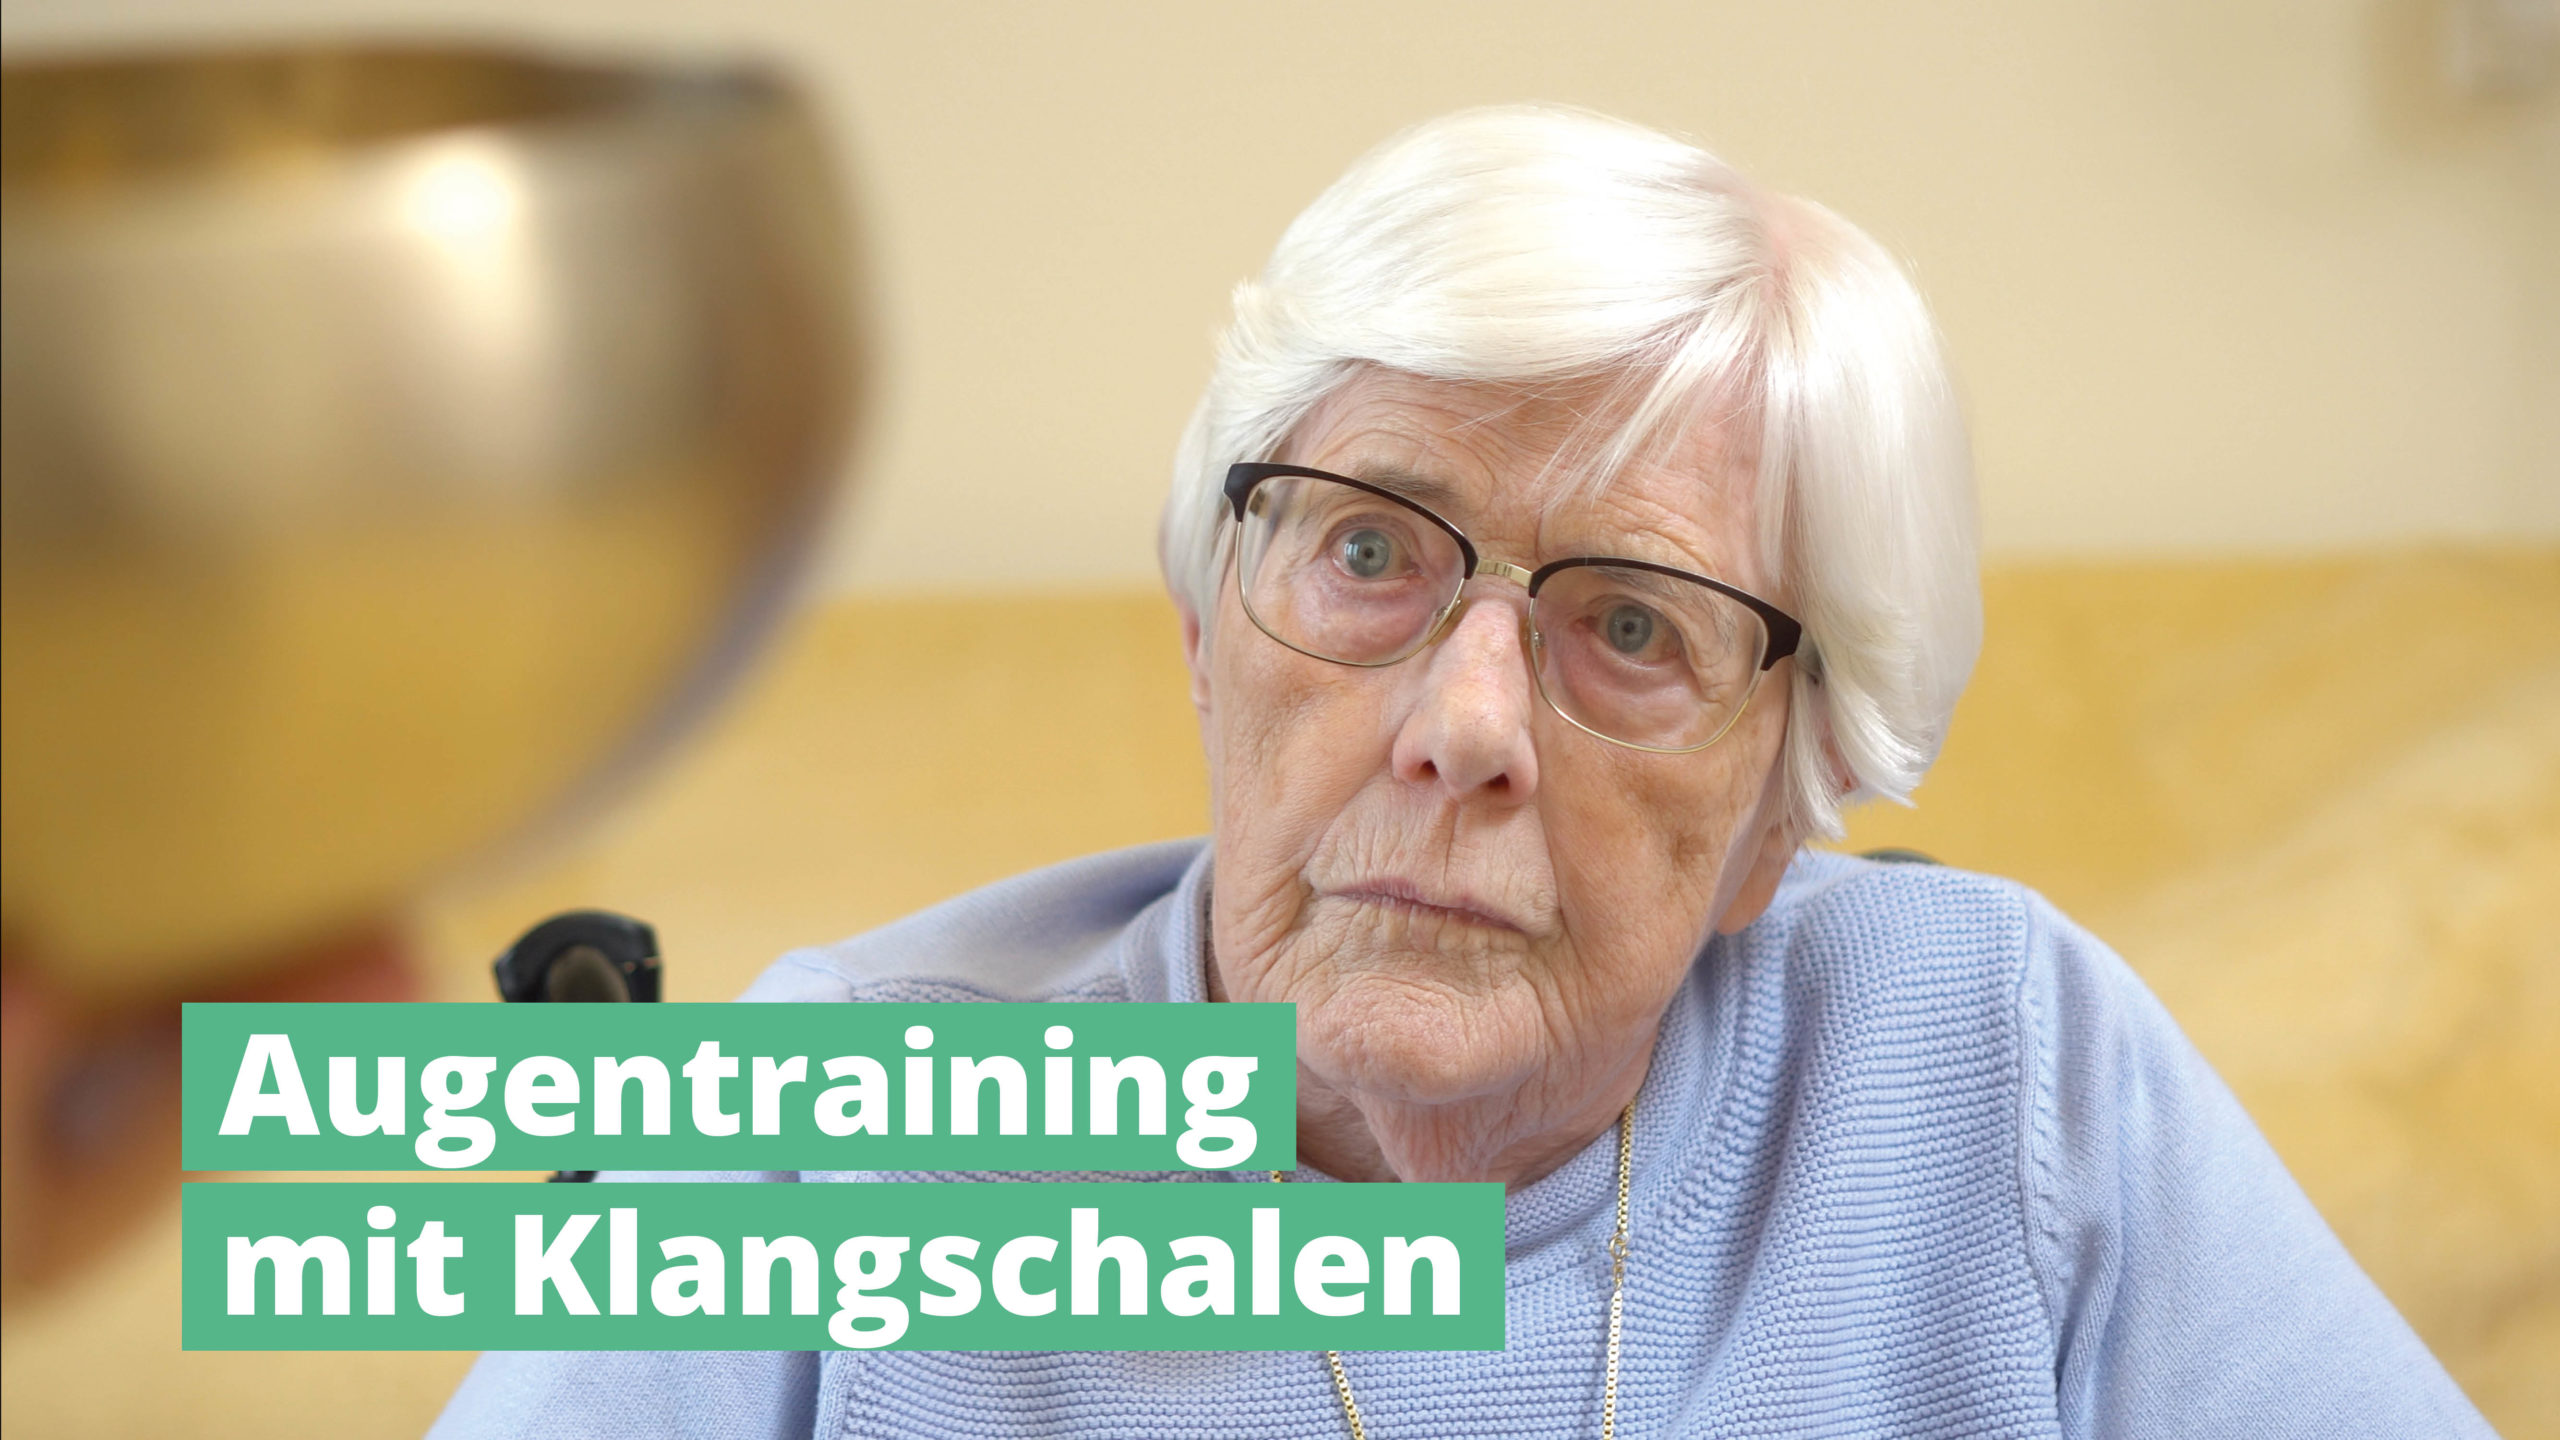 Augentraining mit PeterHess Klangschalen Wir Sind Altenpflege